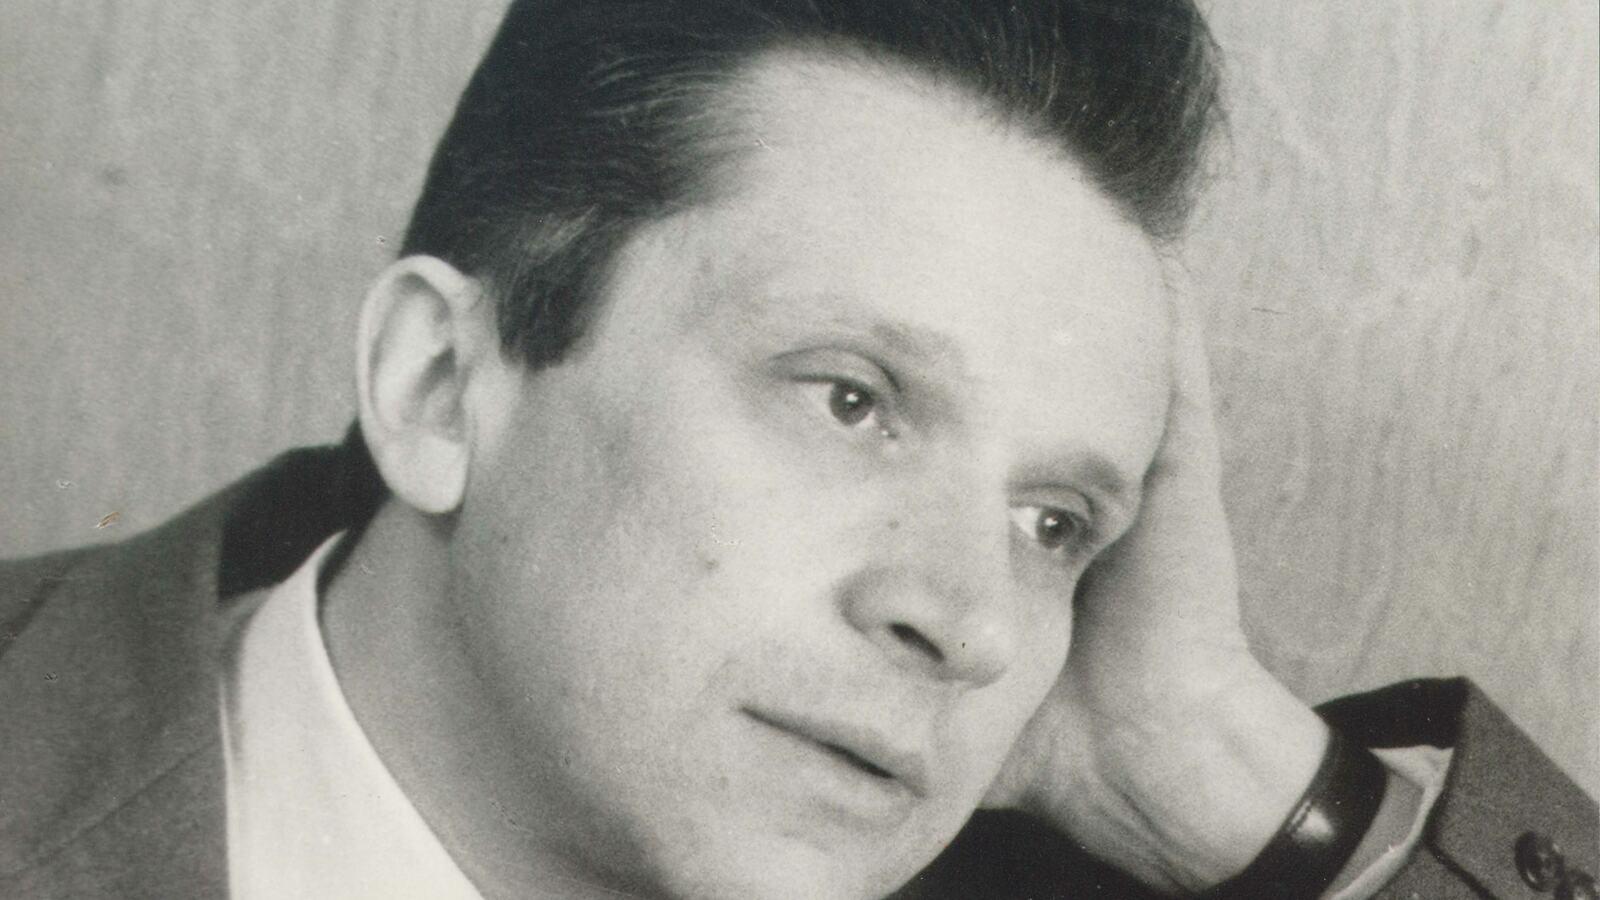 Mieczysław Weinberg, composer